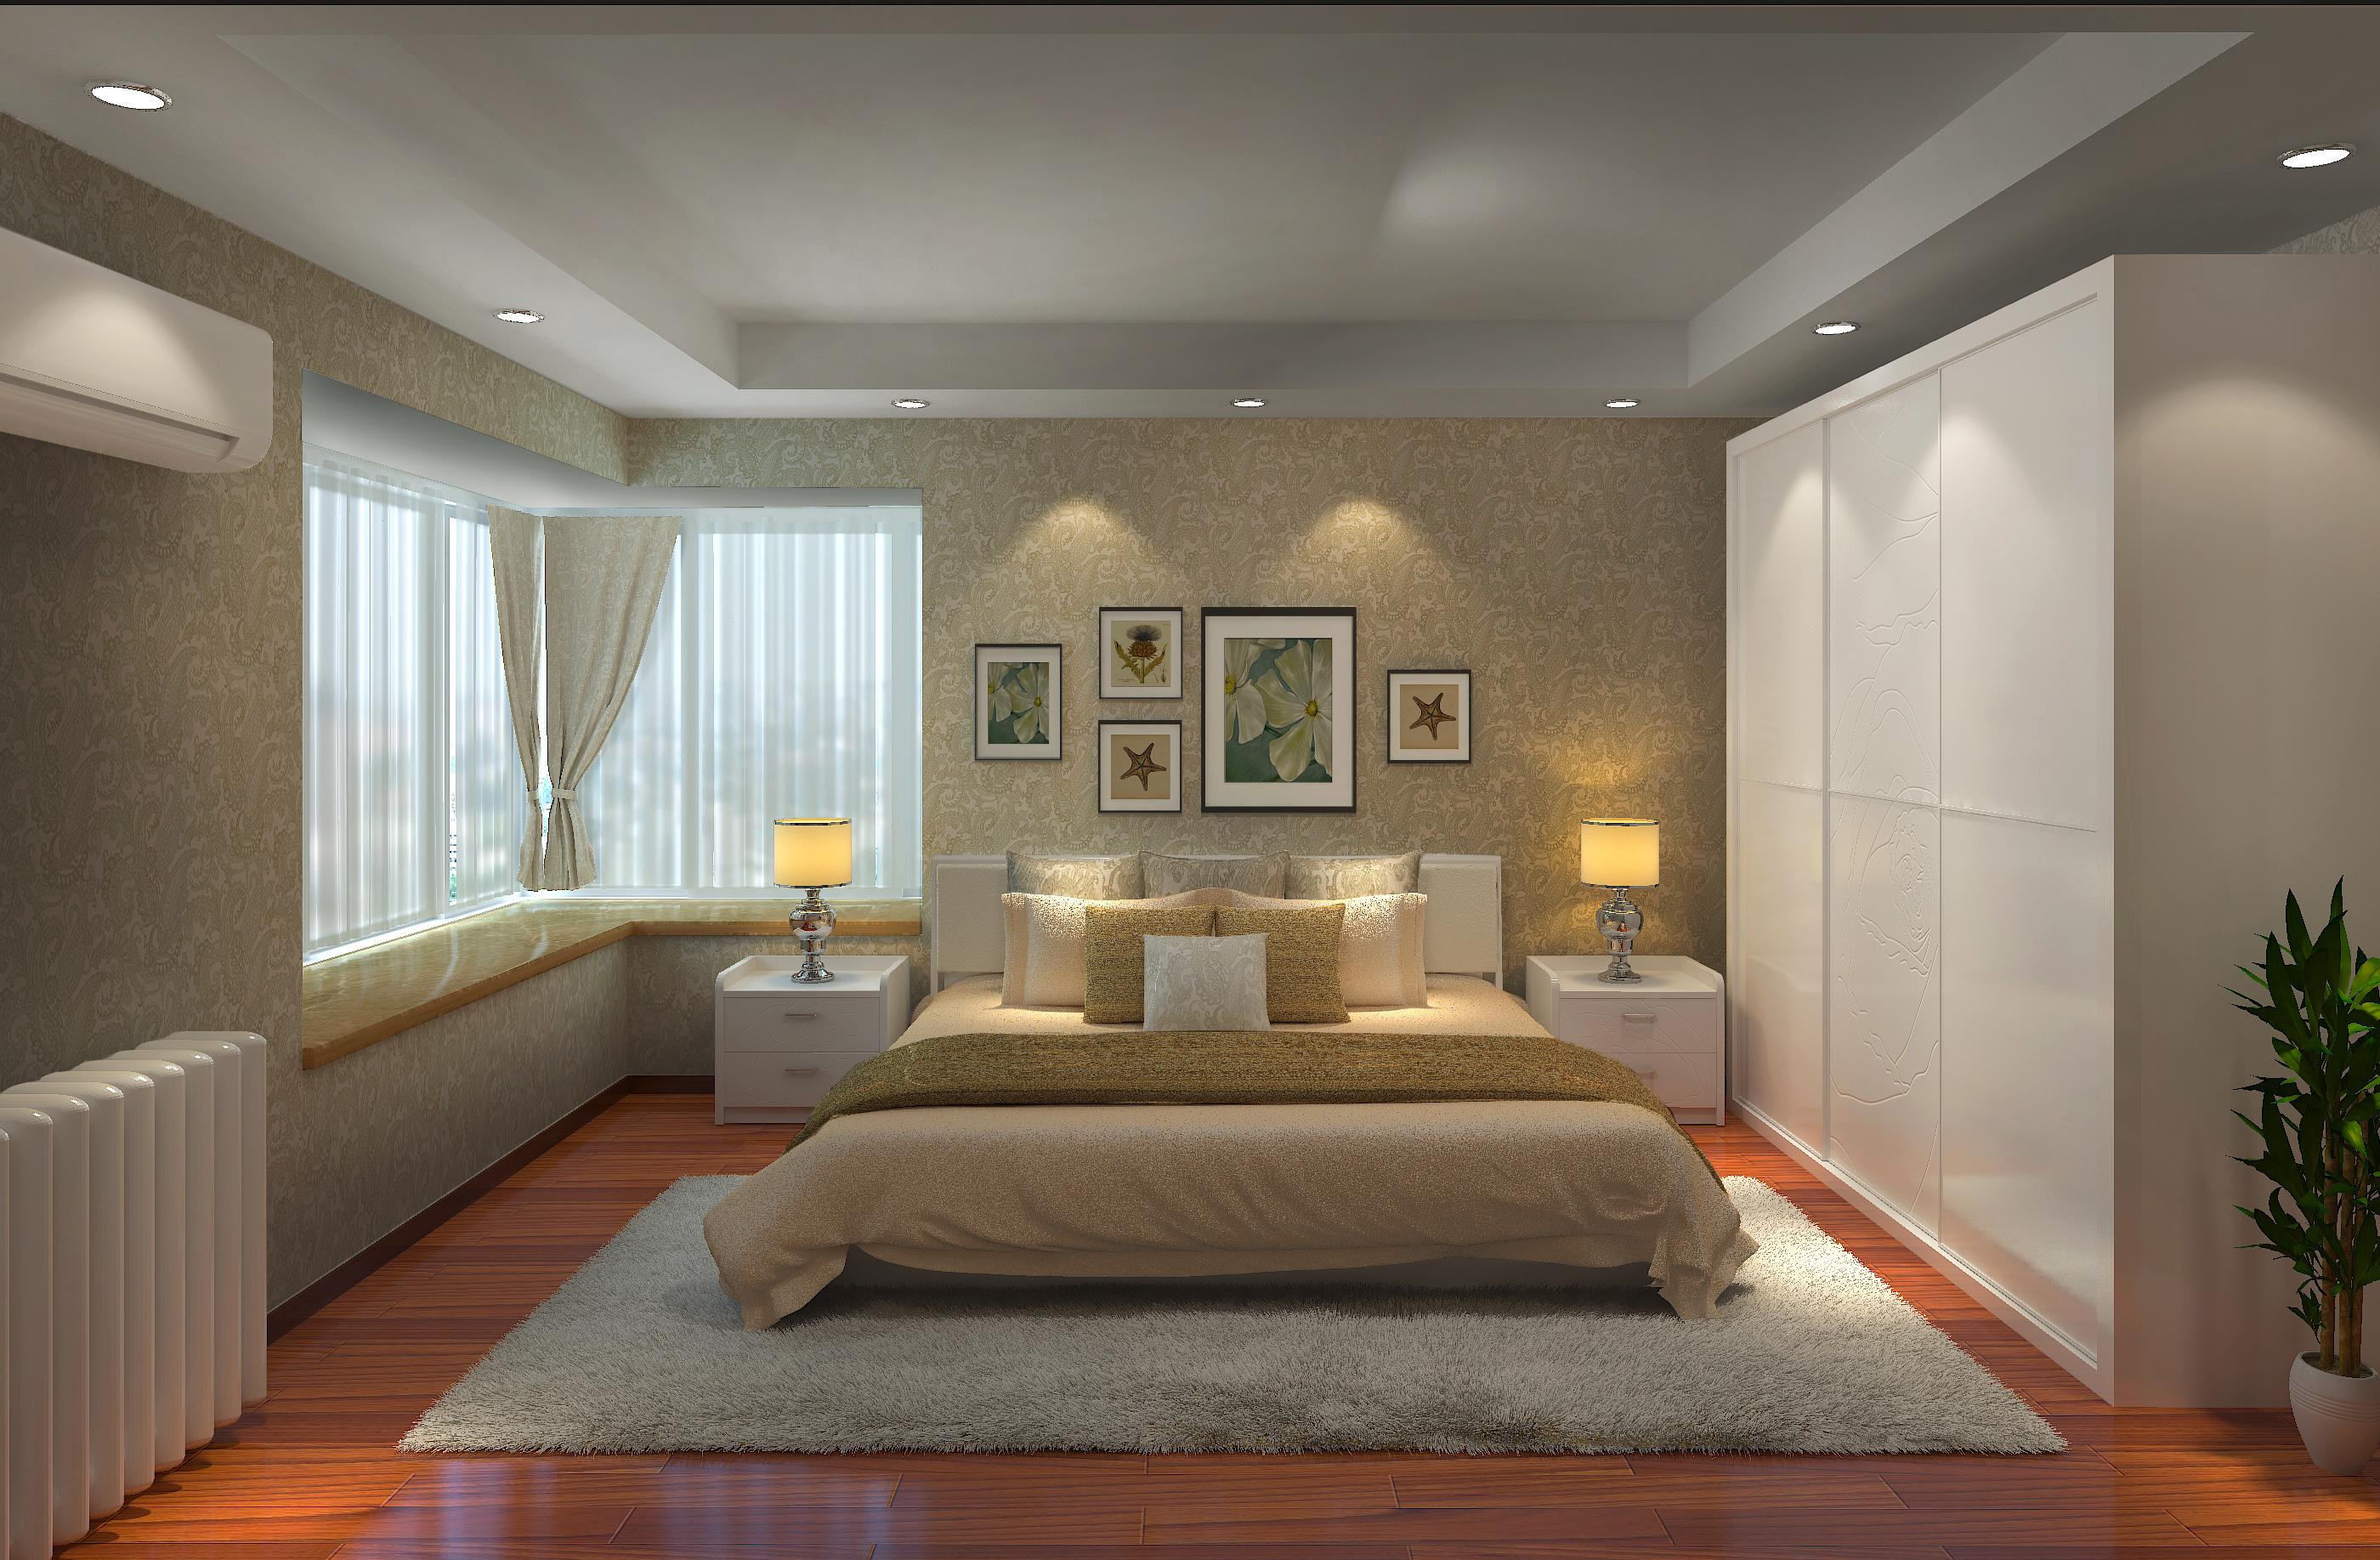 二居 别墅 客厅 卧室 厨房 艾依格 整体衣柜 定制衣柜图片来自aiegle在艾依格衣柜——米兰系列形象产品的分享